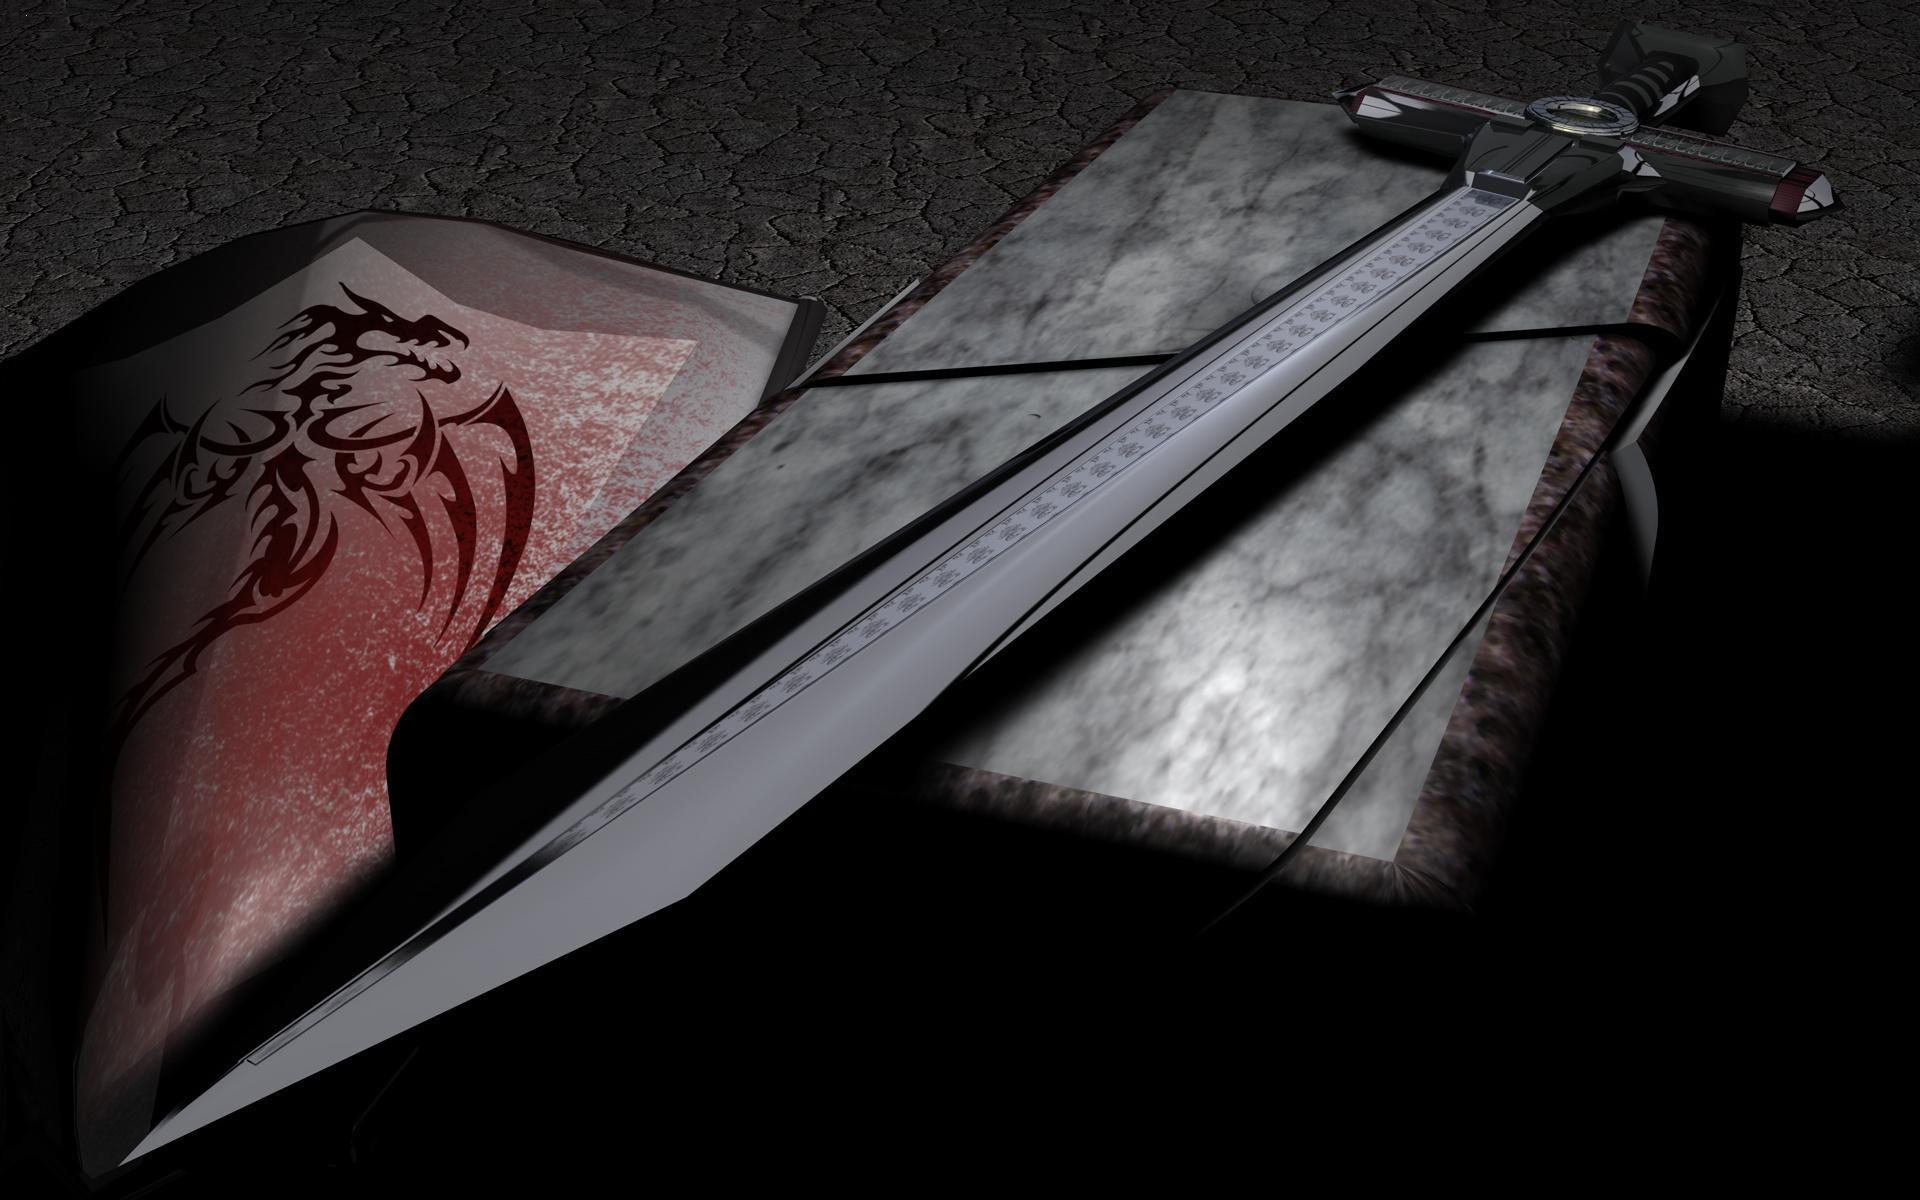 swords wallpaper hd wallpapersafari